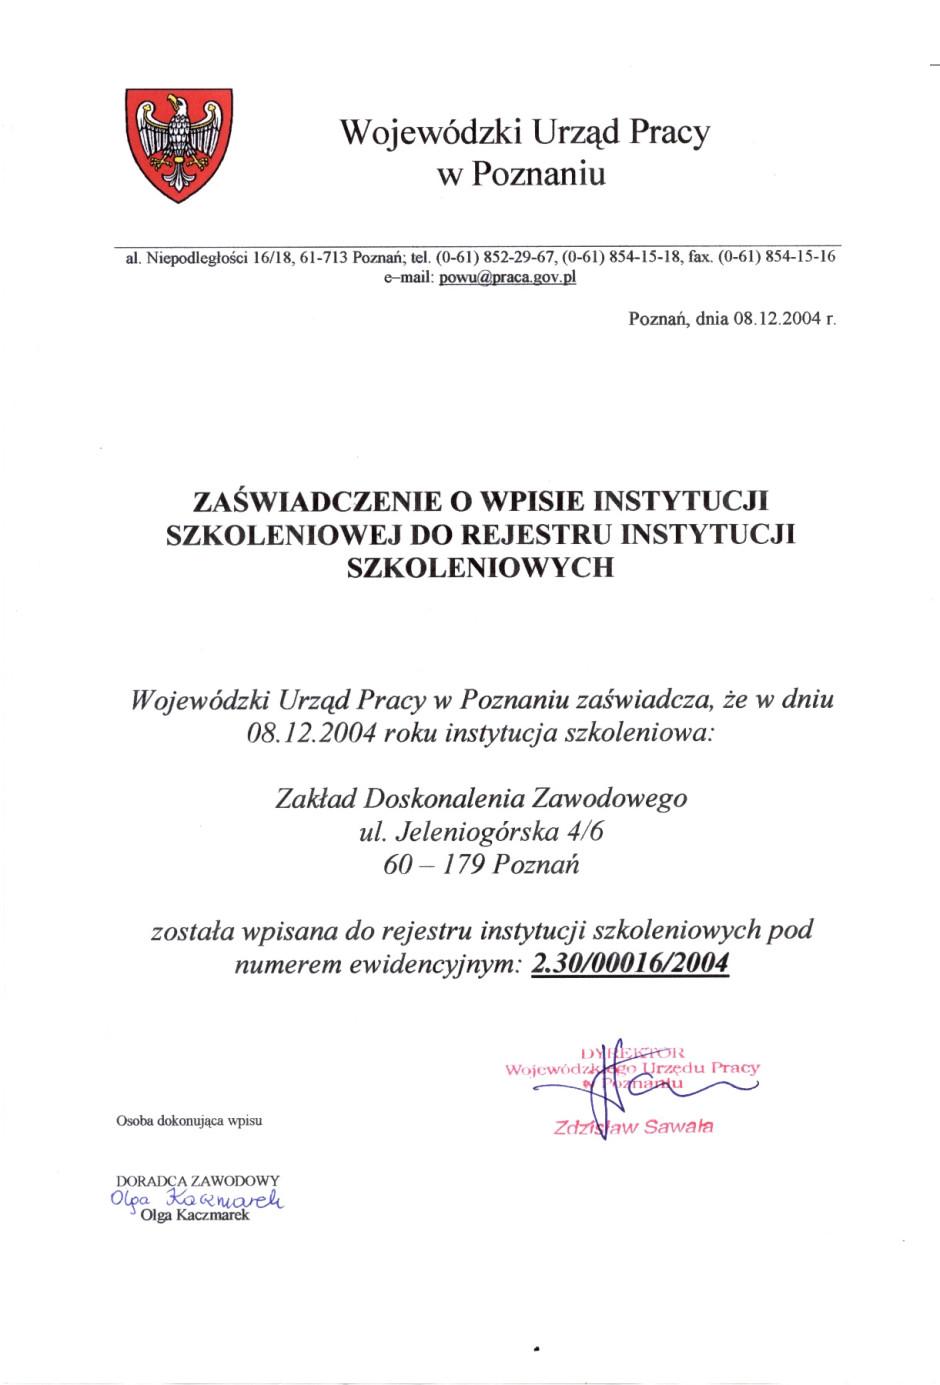 Wpis do rejestru instytucji szkoleniowych